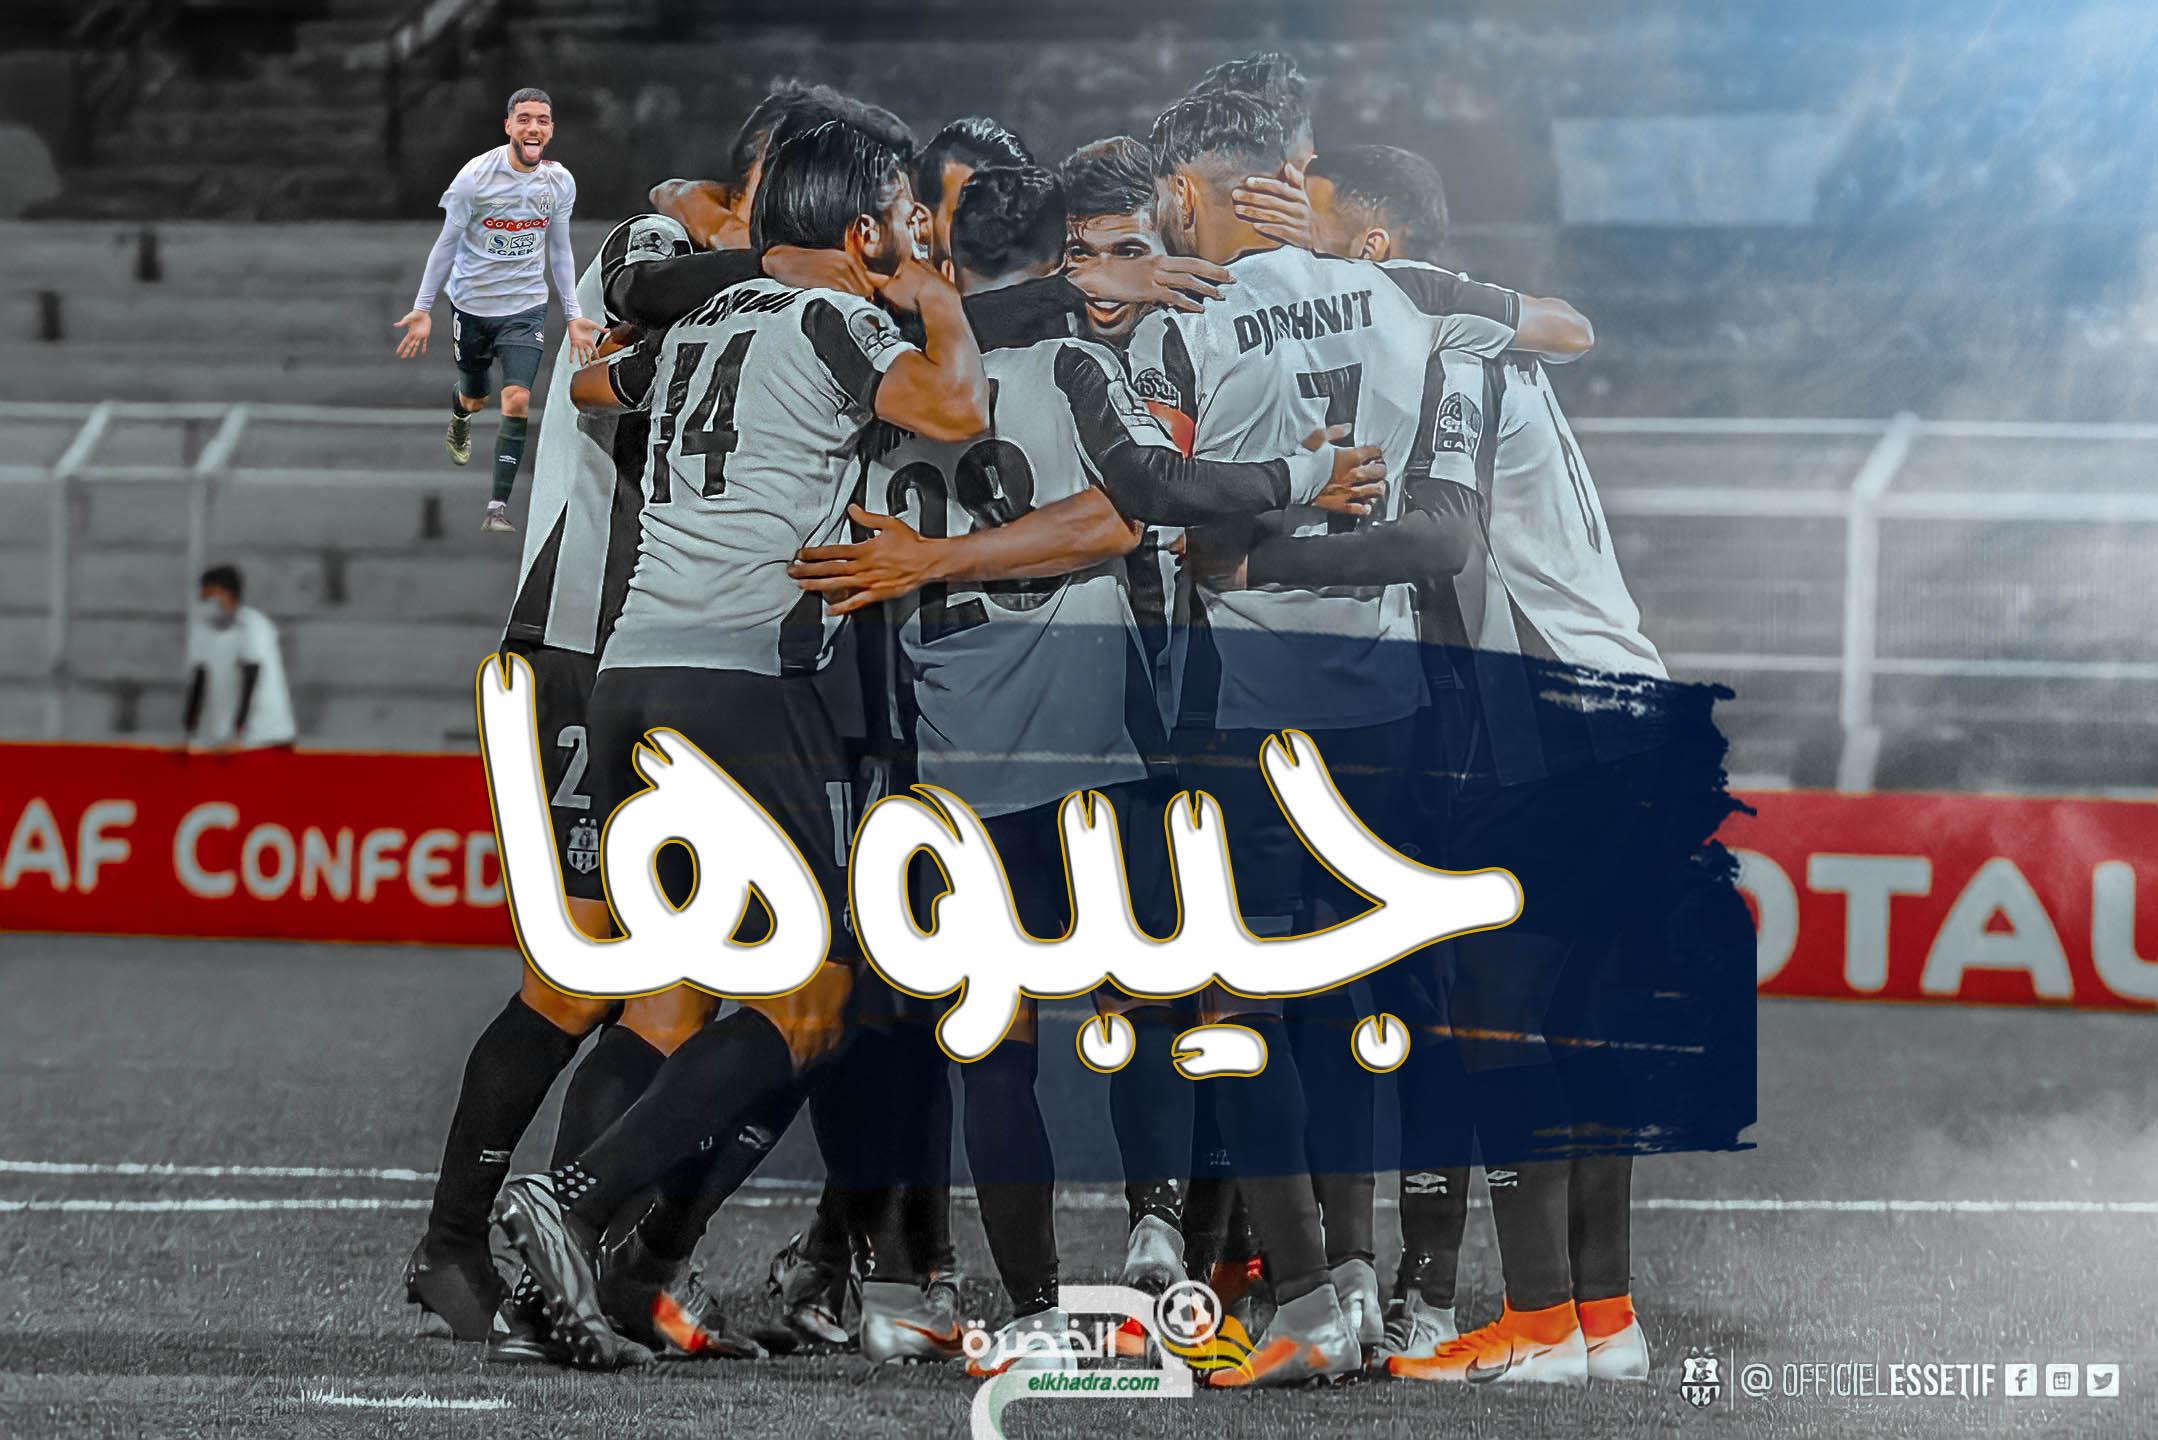 موعد مباراة وفاق سطيف الجزائري والأهلي بنغازي في كأس الكونفدرالية الإفريقية والقناة الناقلة 25